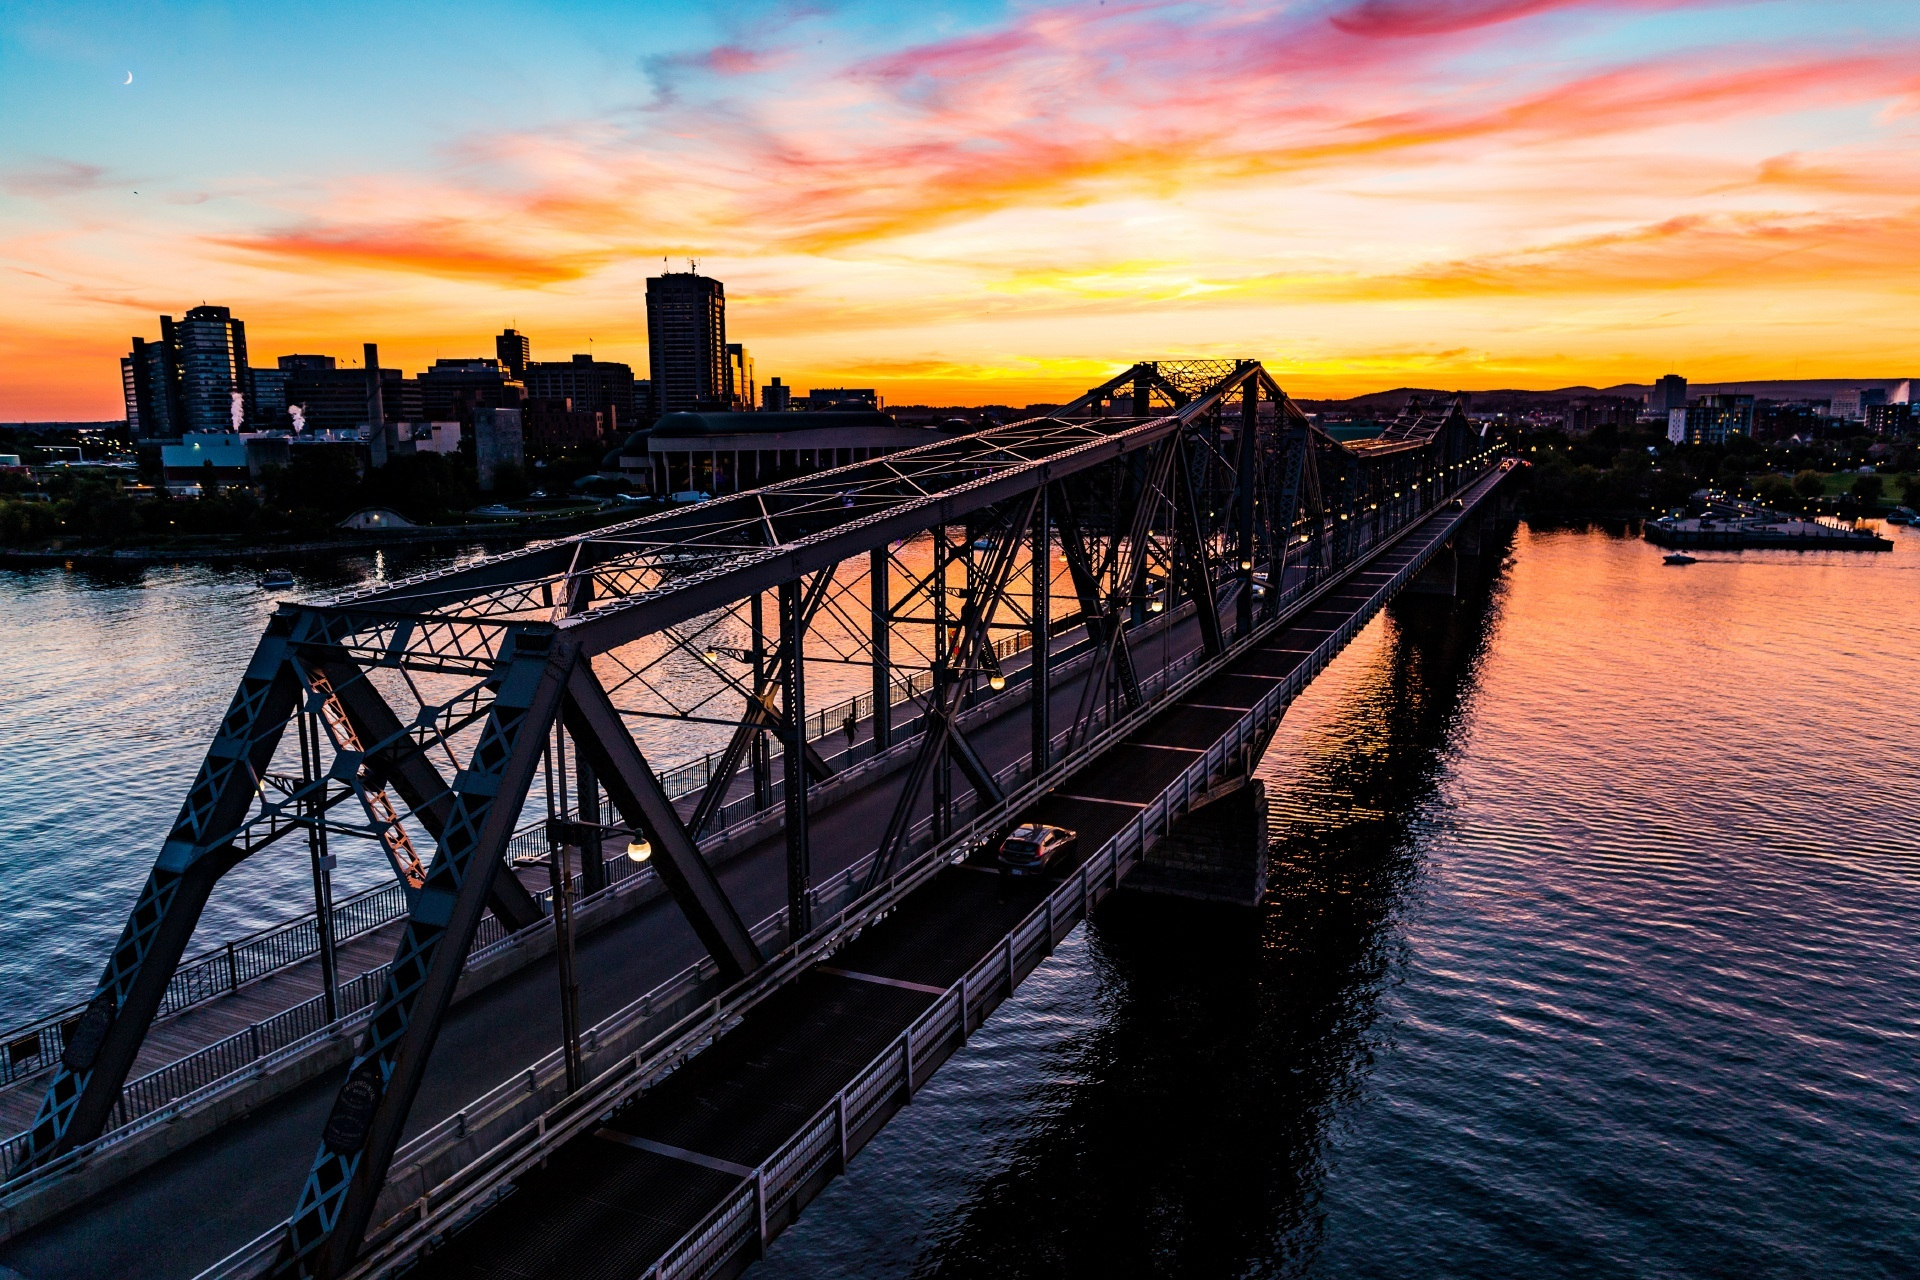 夕暮れのアレクサンドラ橋 オタワの風景